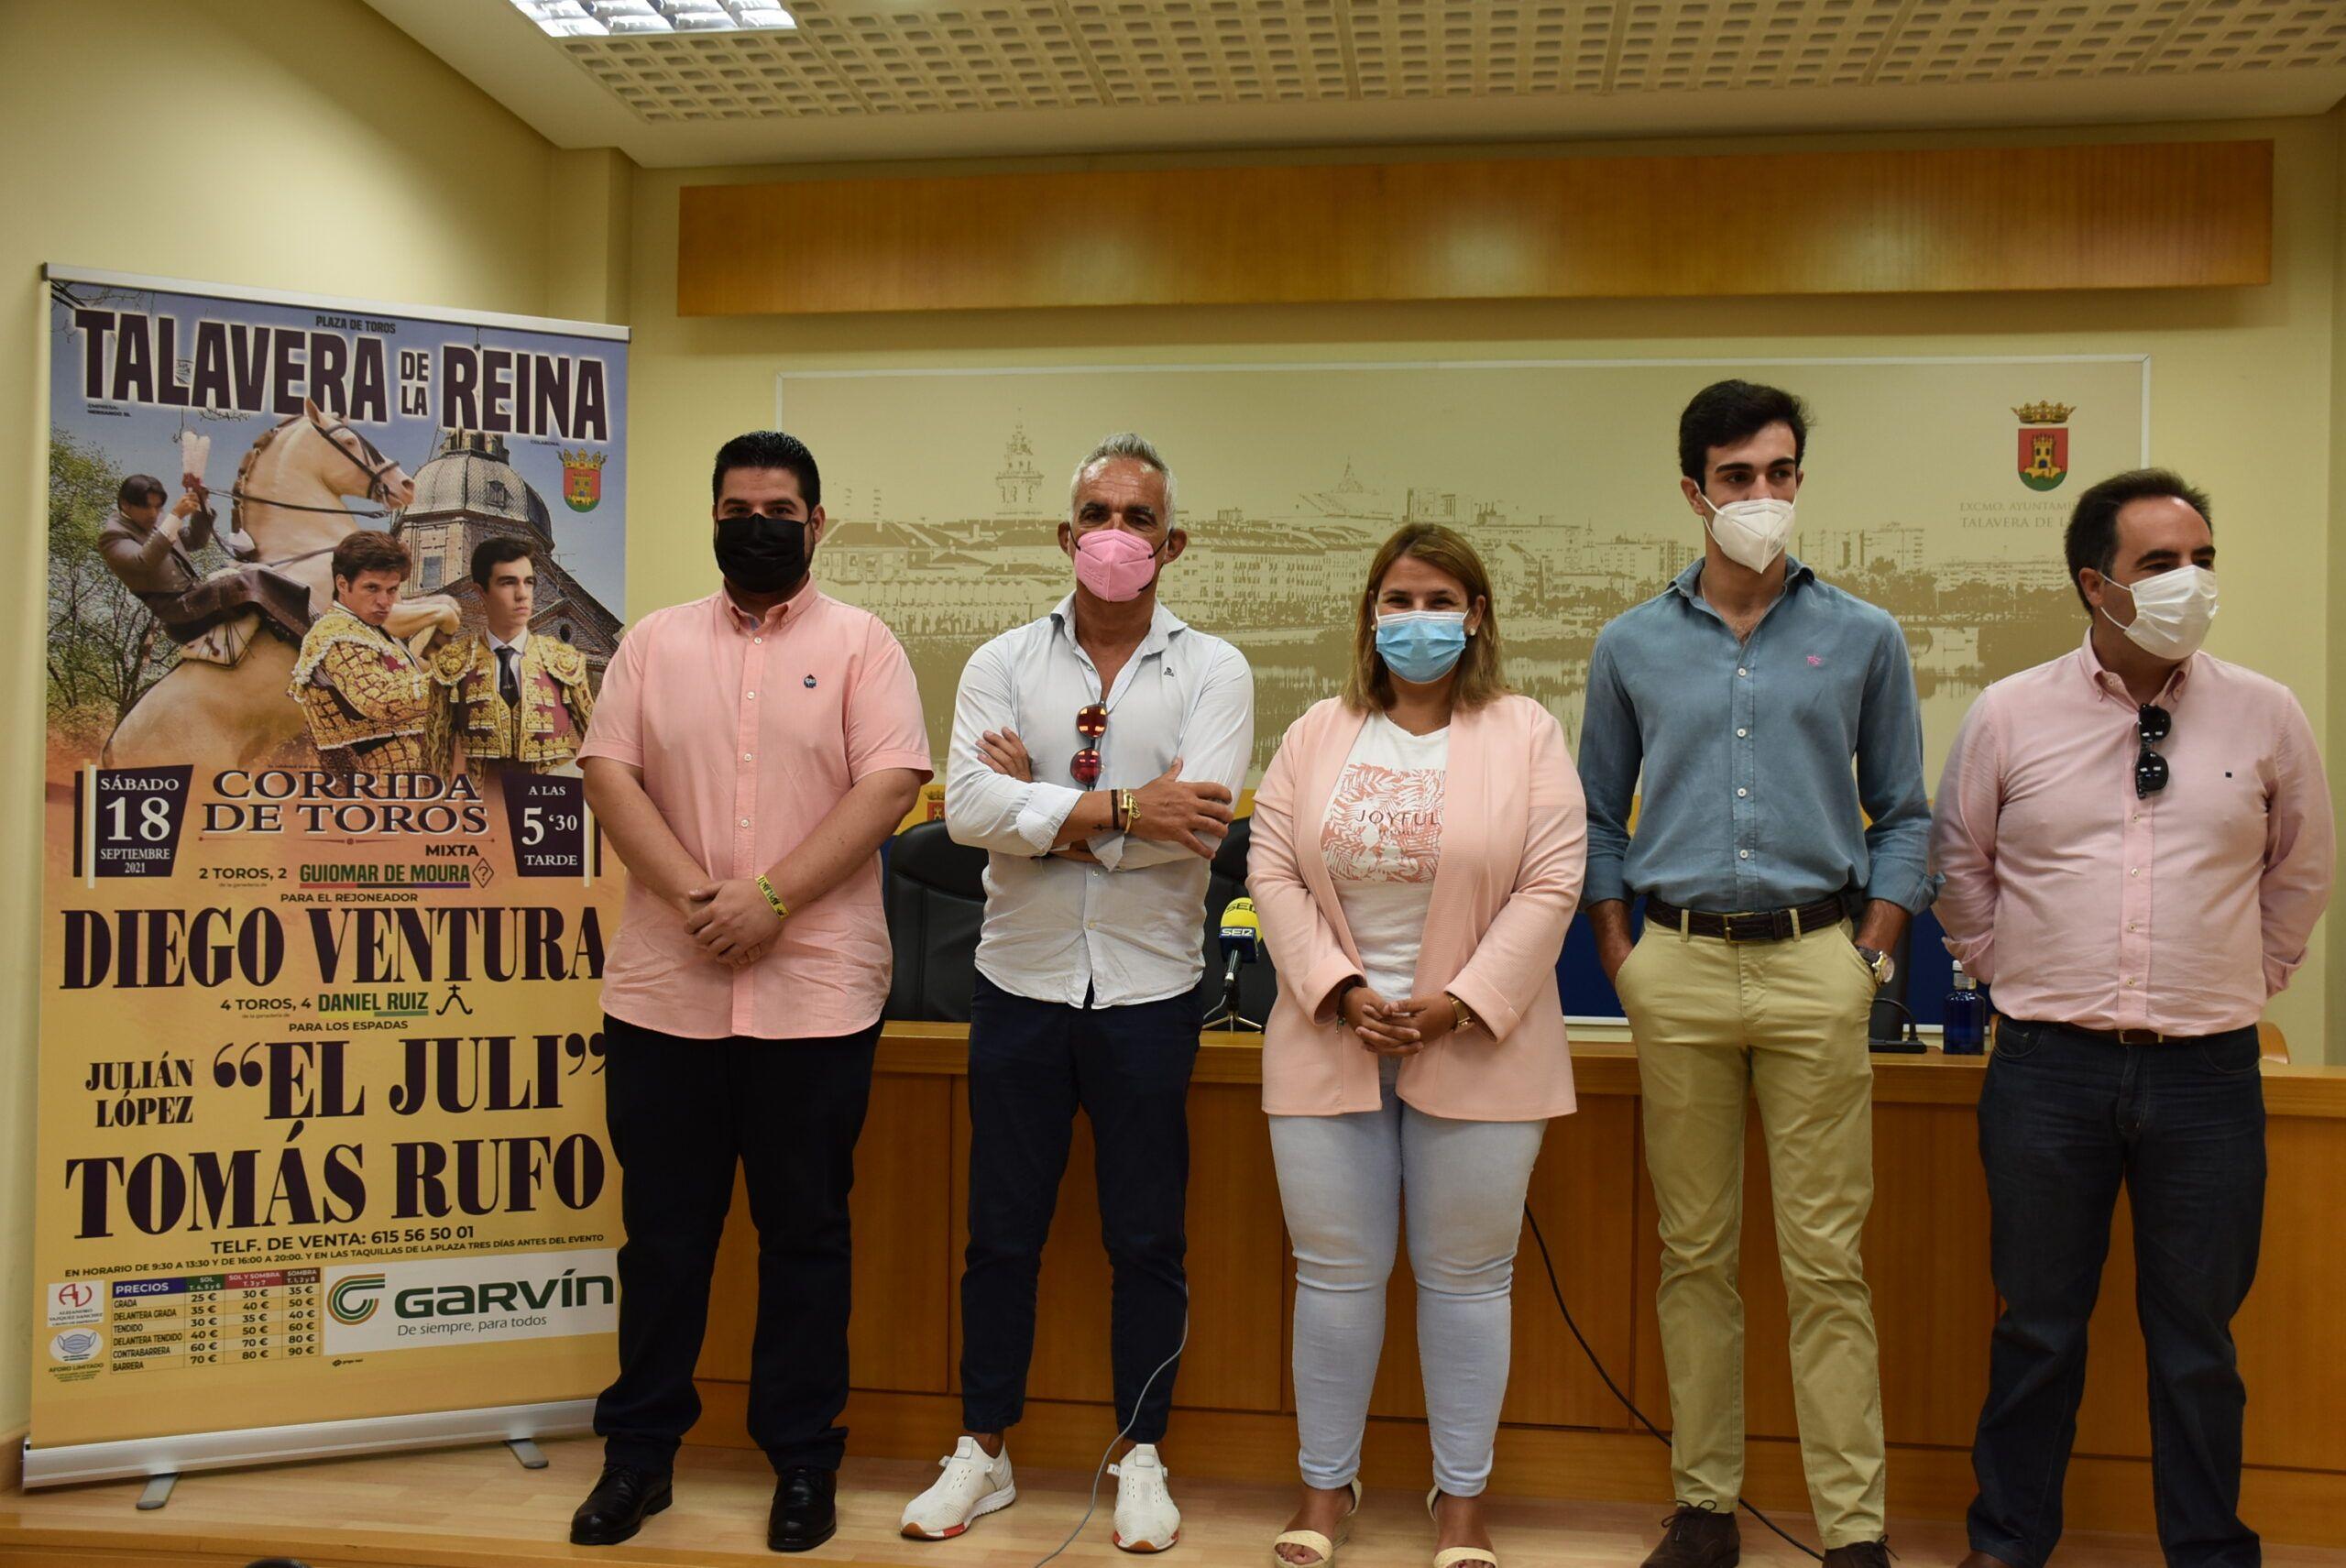 """La alcaldesa de Talavera destaca que """"los toros vuelven por San Mateo a La Caprichosa"""""""